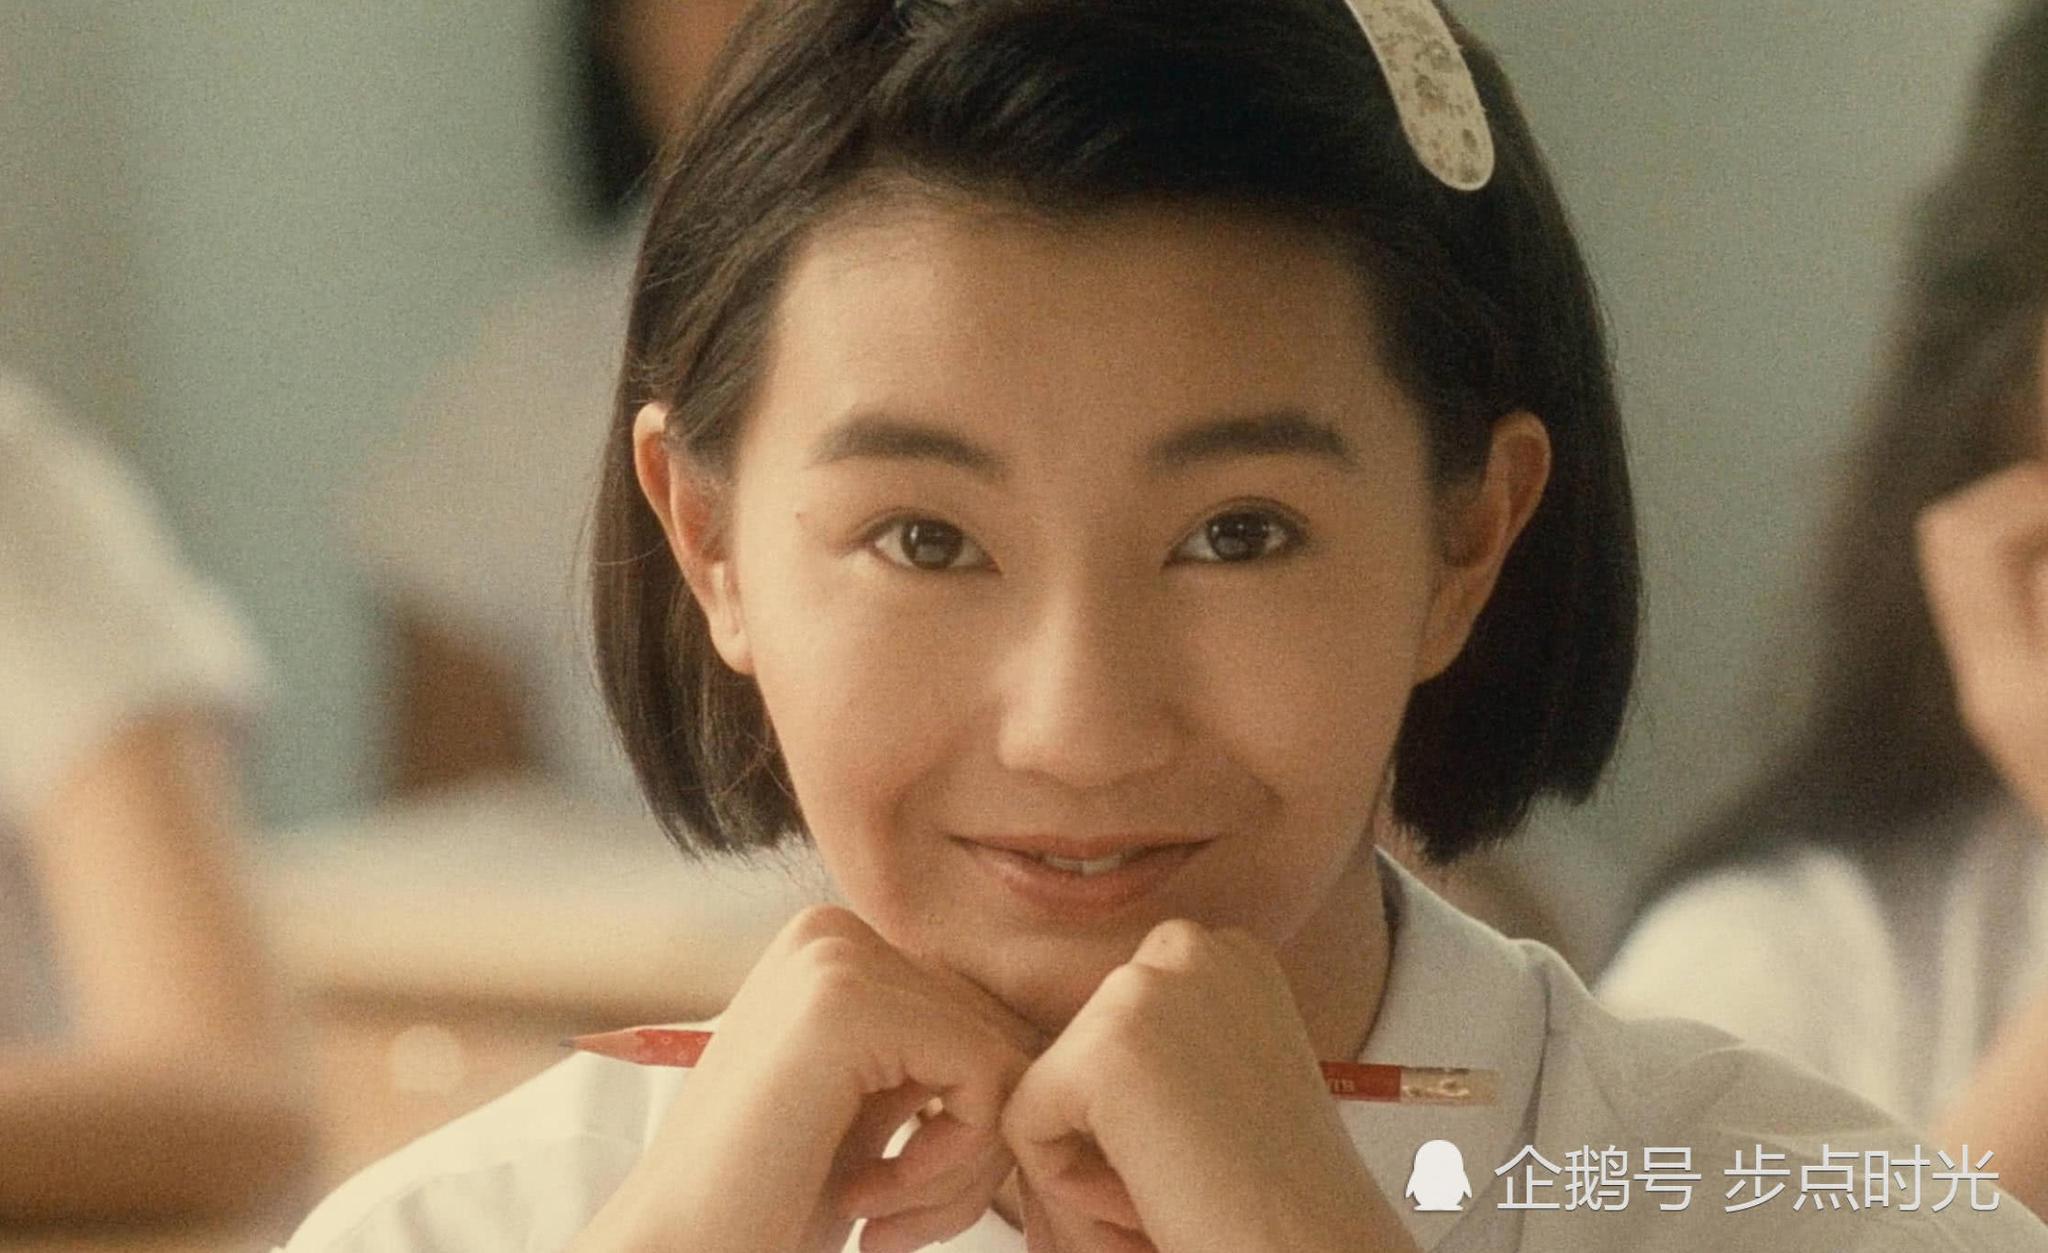 53歲張曼玉近照曝光,女神顯老,但魅力難以抗拒!